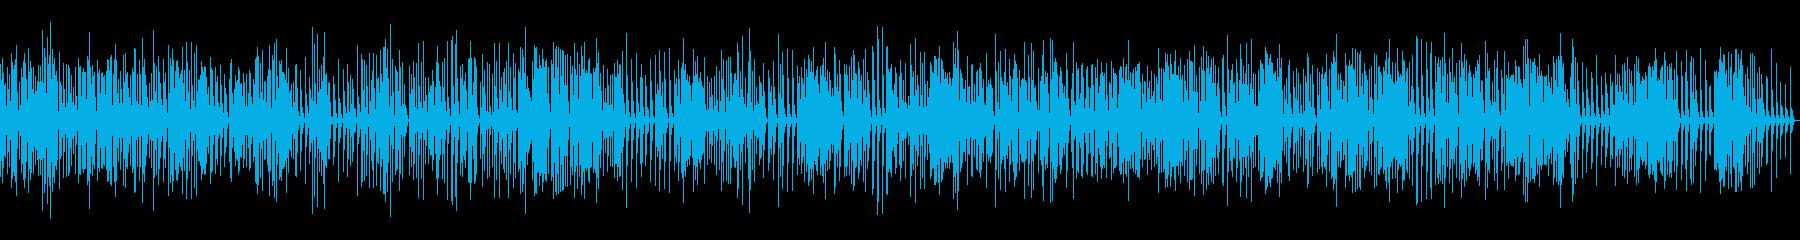 クリアなオルゴール楽曲01(駆動音なし)の再生済みの波形